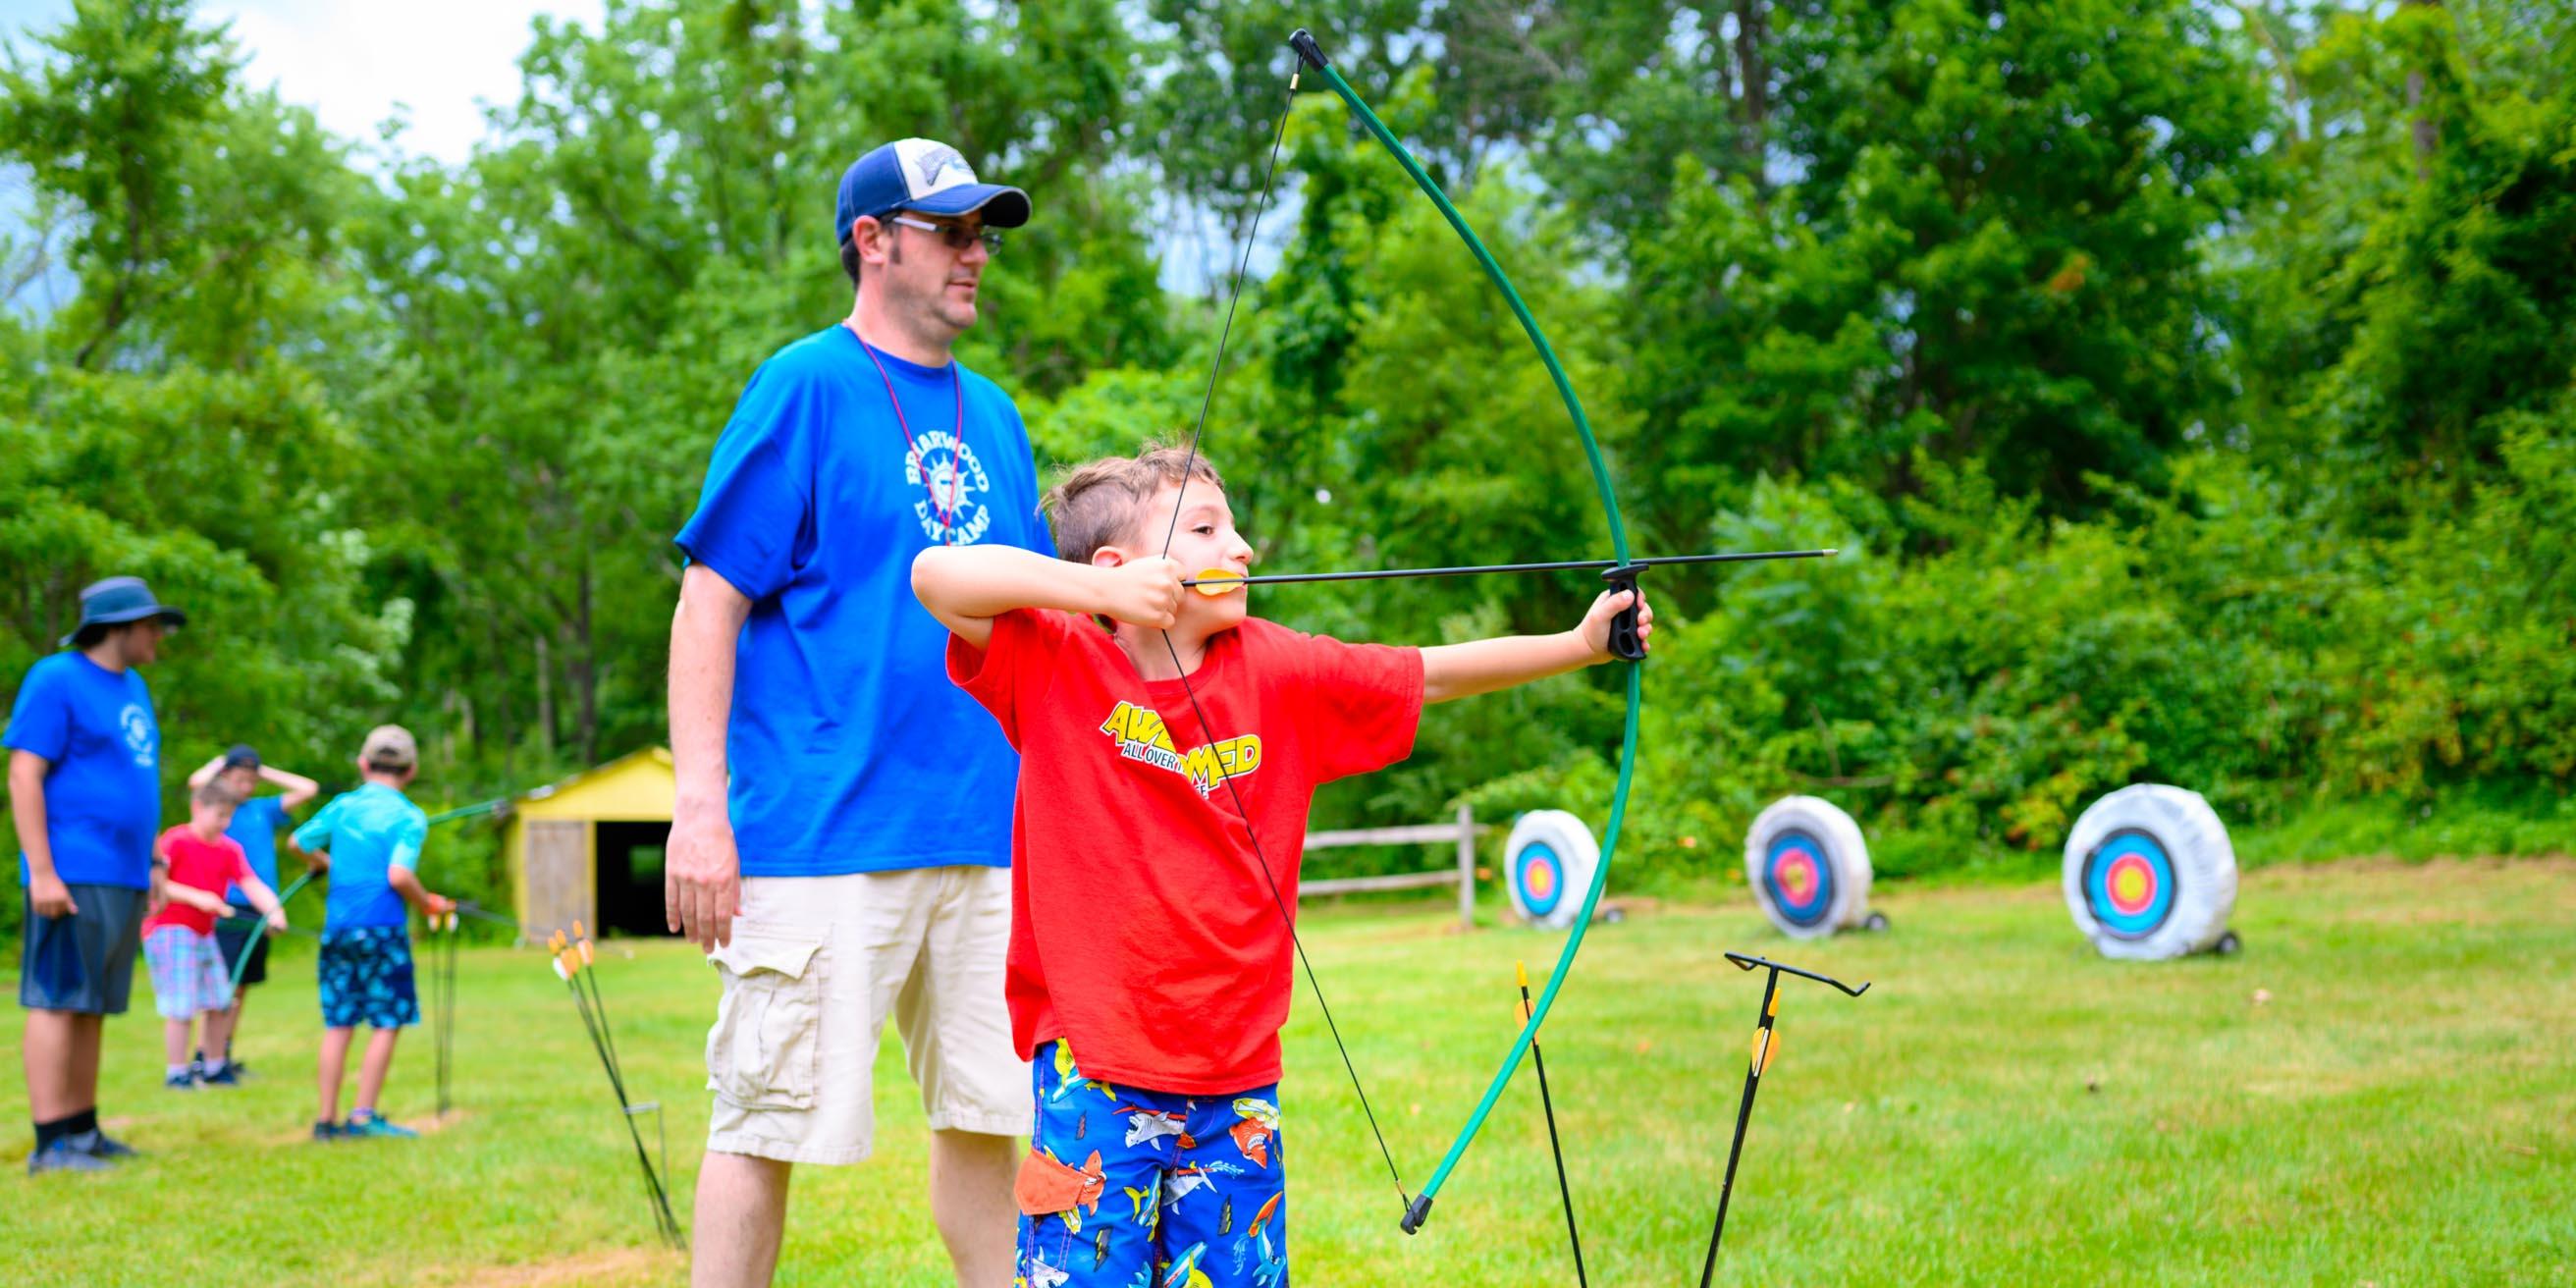 Camper shooting archery arrow